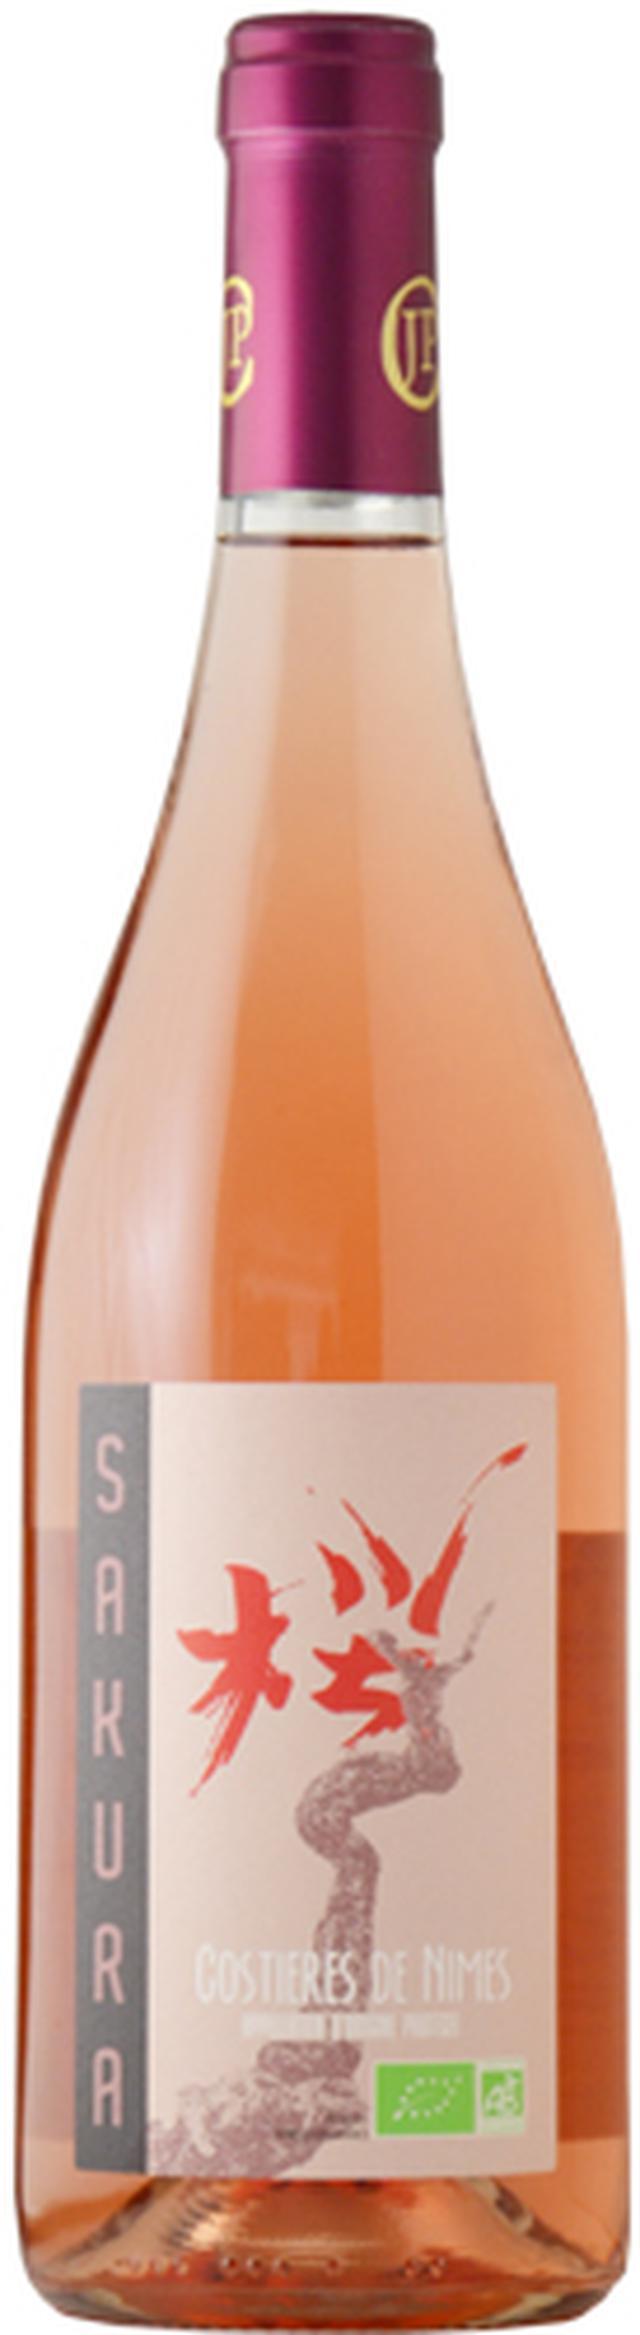 画像: 春を楽しむオーガニックワイン『桜 オーガニック ロゼ』新発売